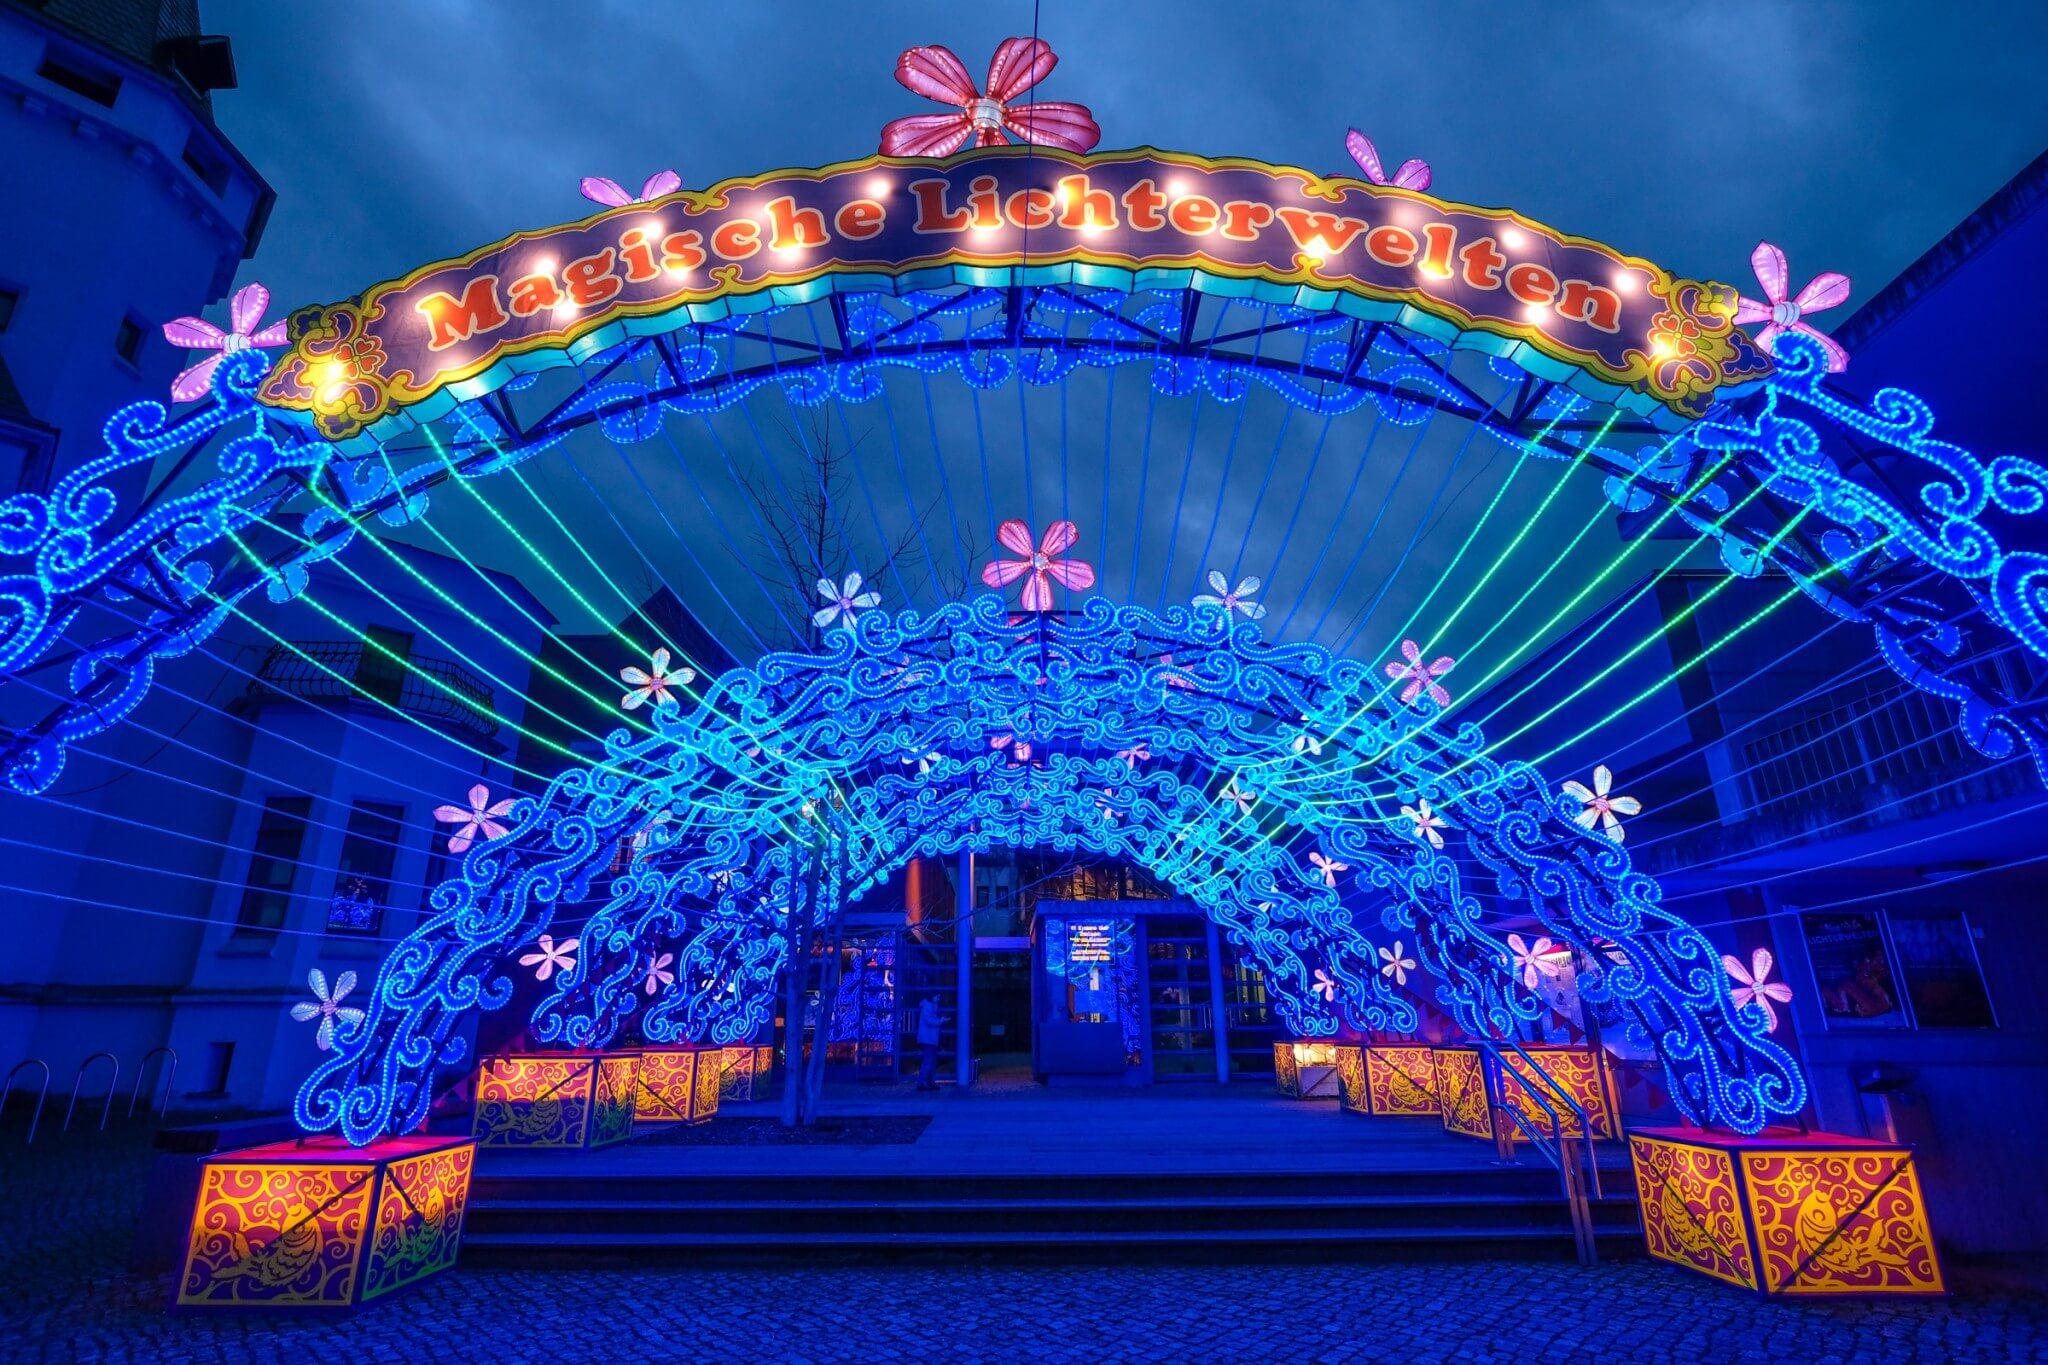 Der Eingang Zu Den Magsichen Lichterwelten